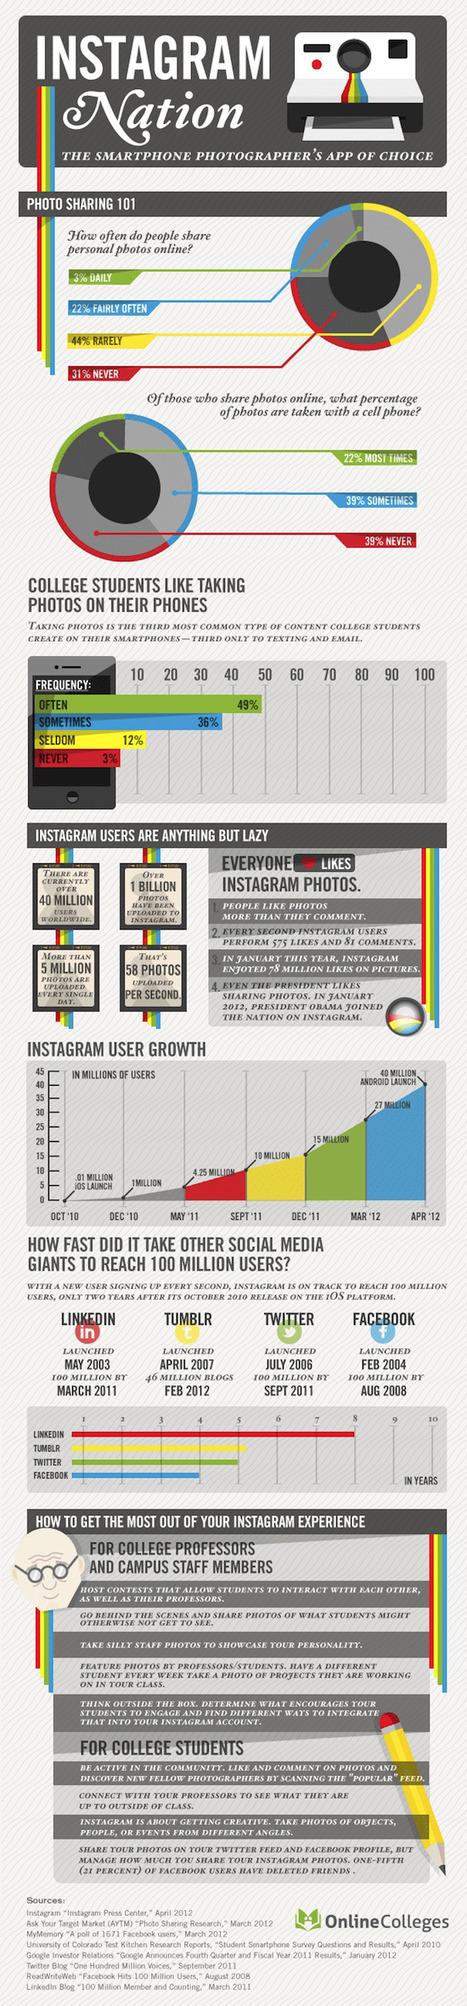 Les chiffres clefs d'Instagram | Réseaux sociaux et community management | Scoop.it